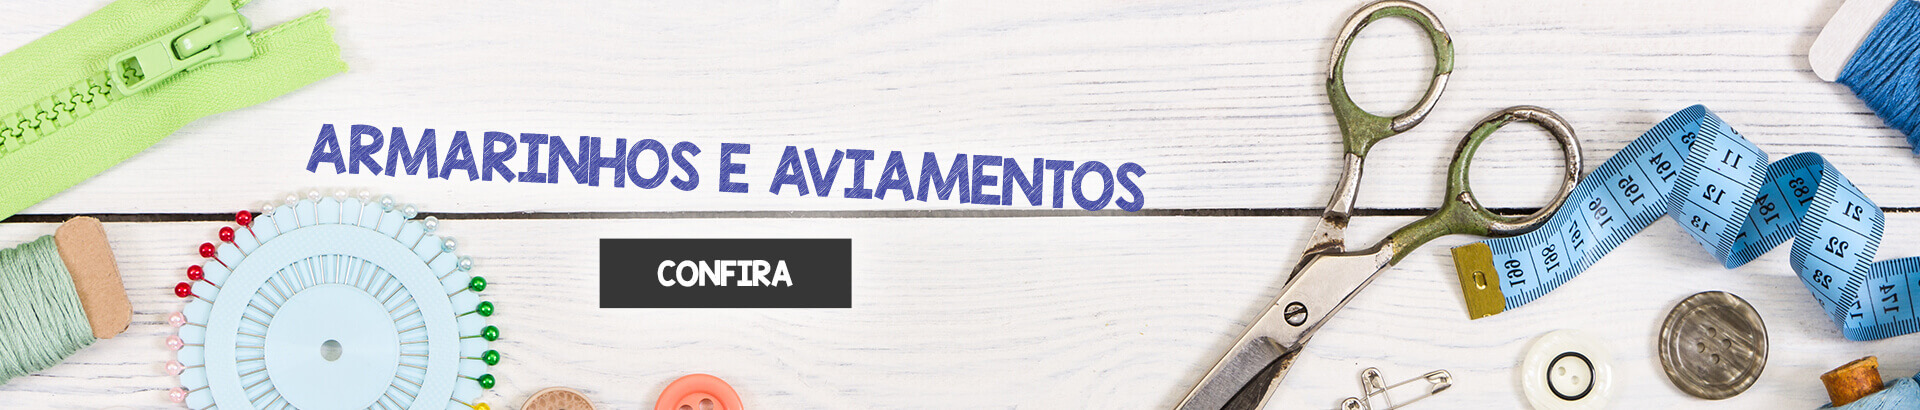 Armarinhos